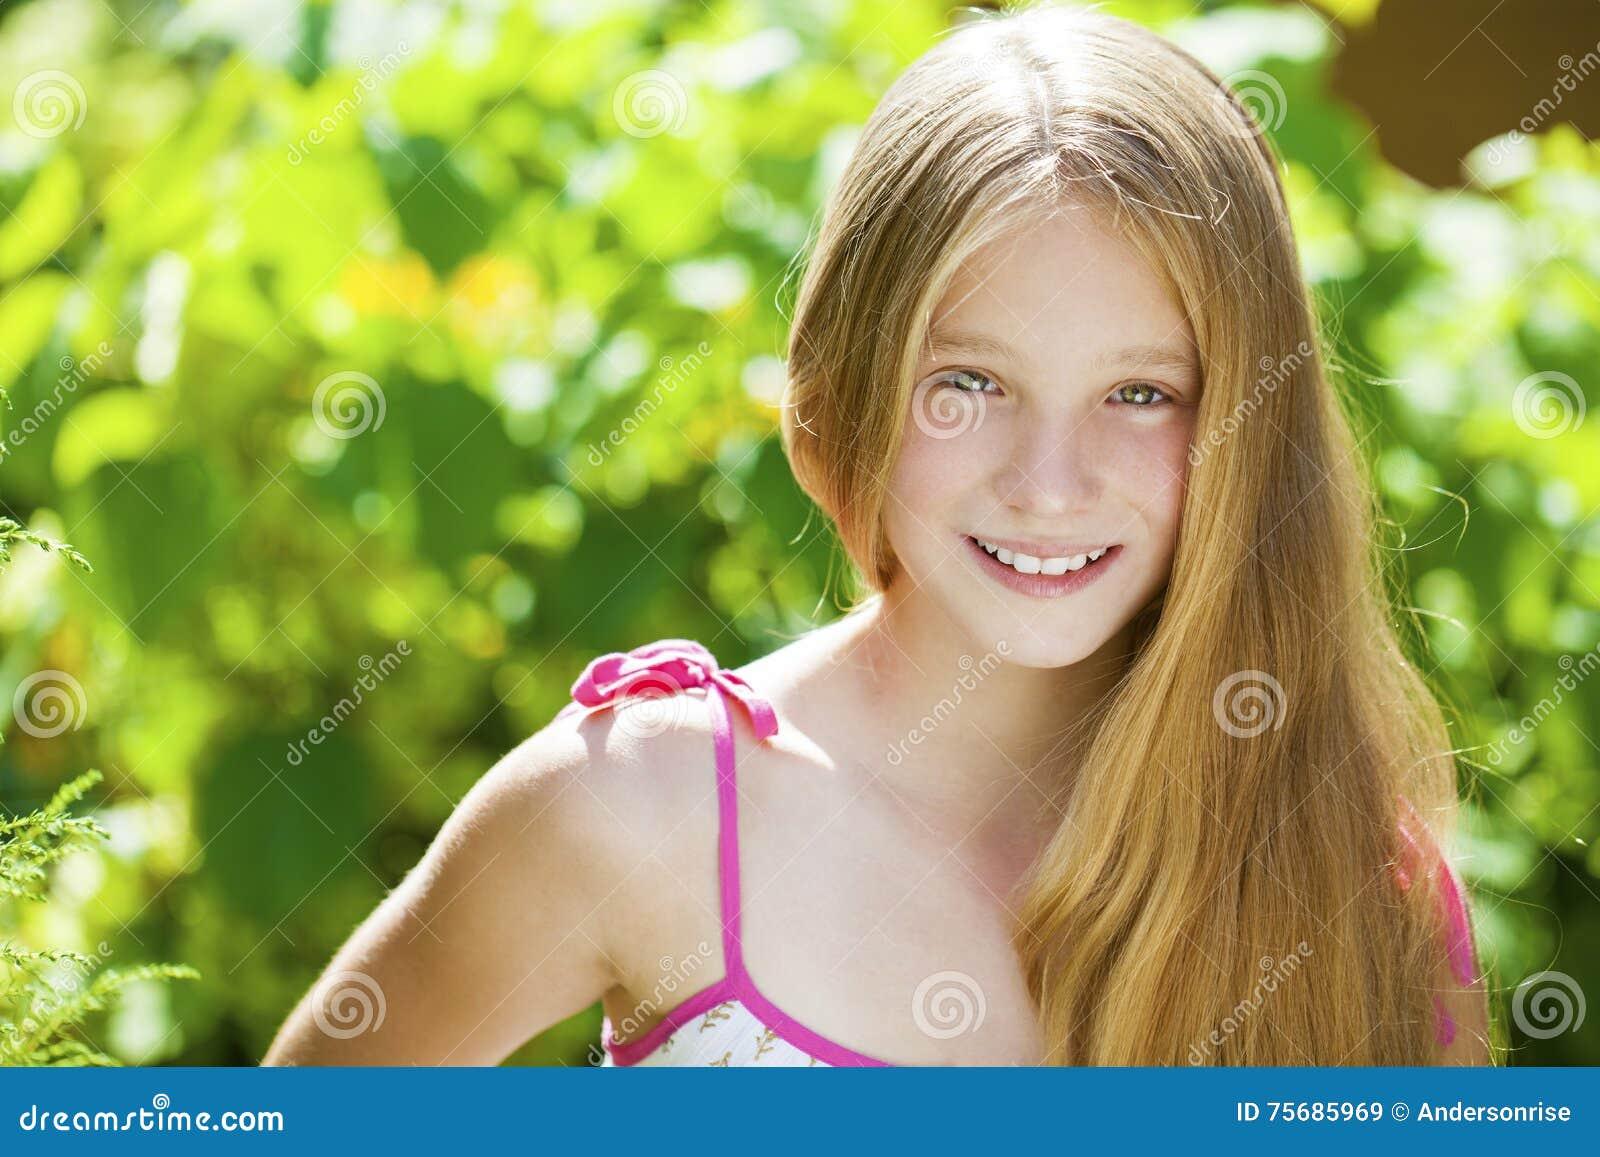 Porträt eines schönen jungen blonden kleinen Mädchens